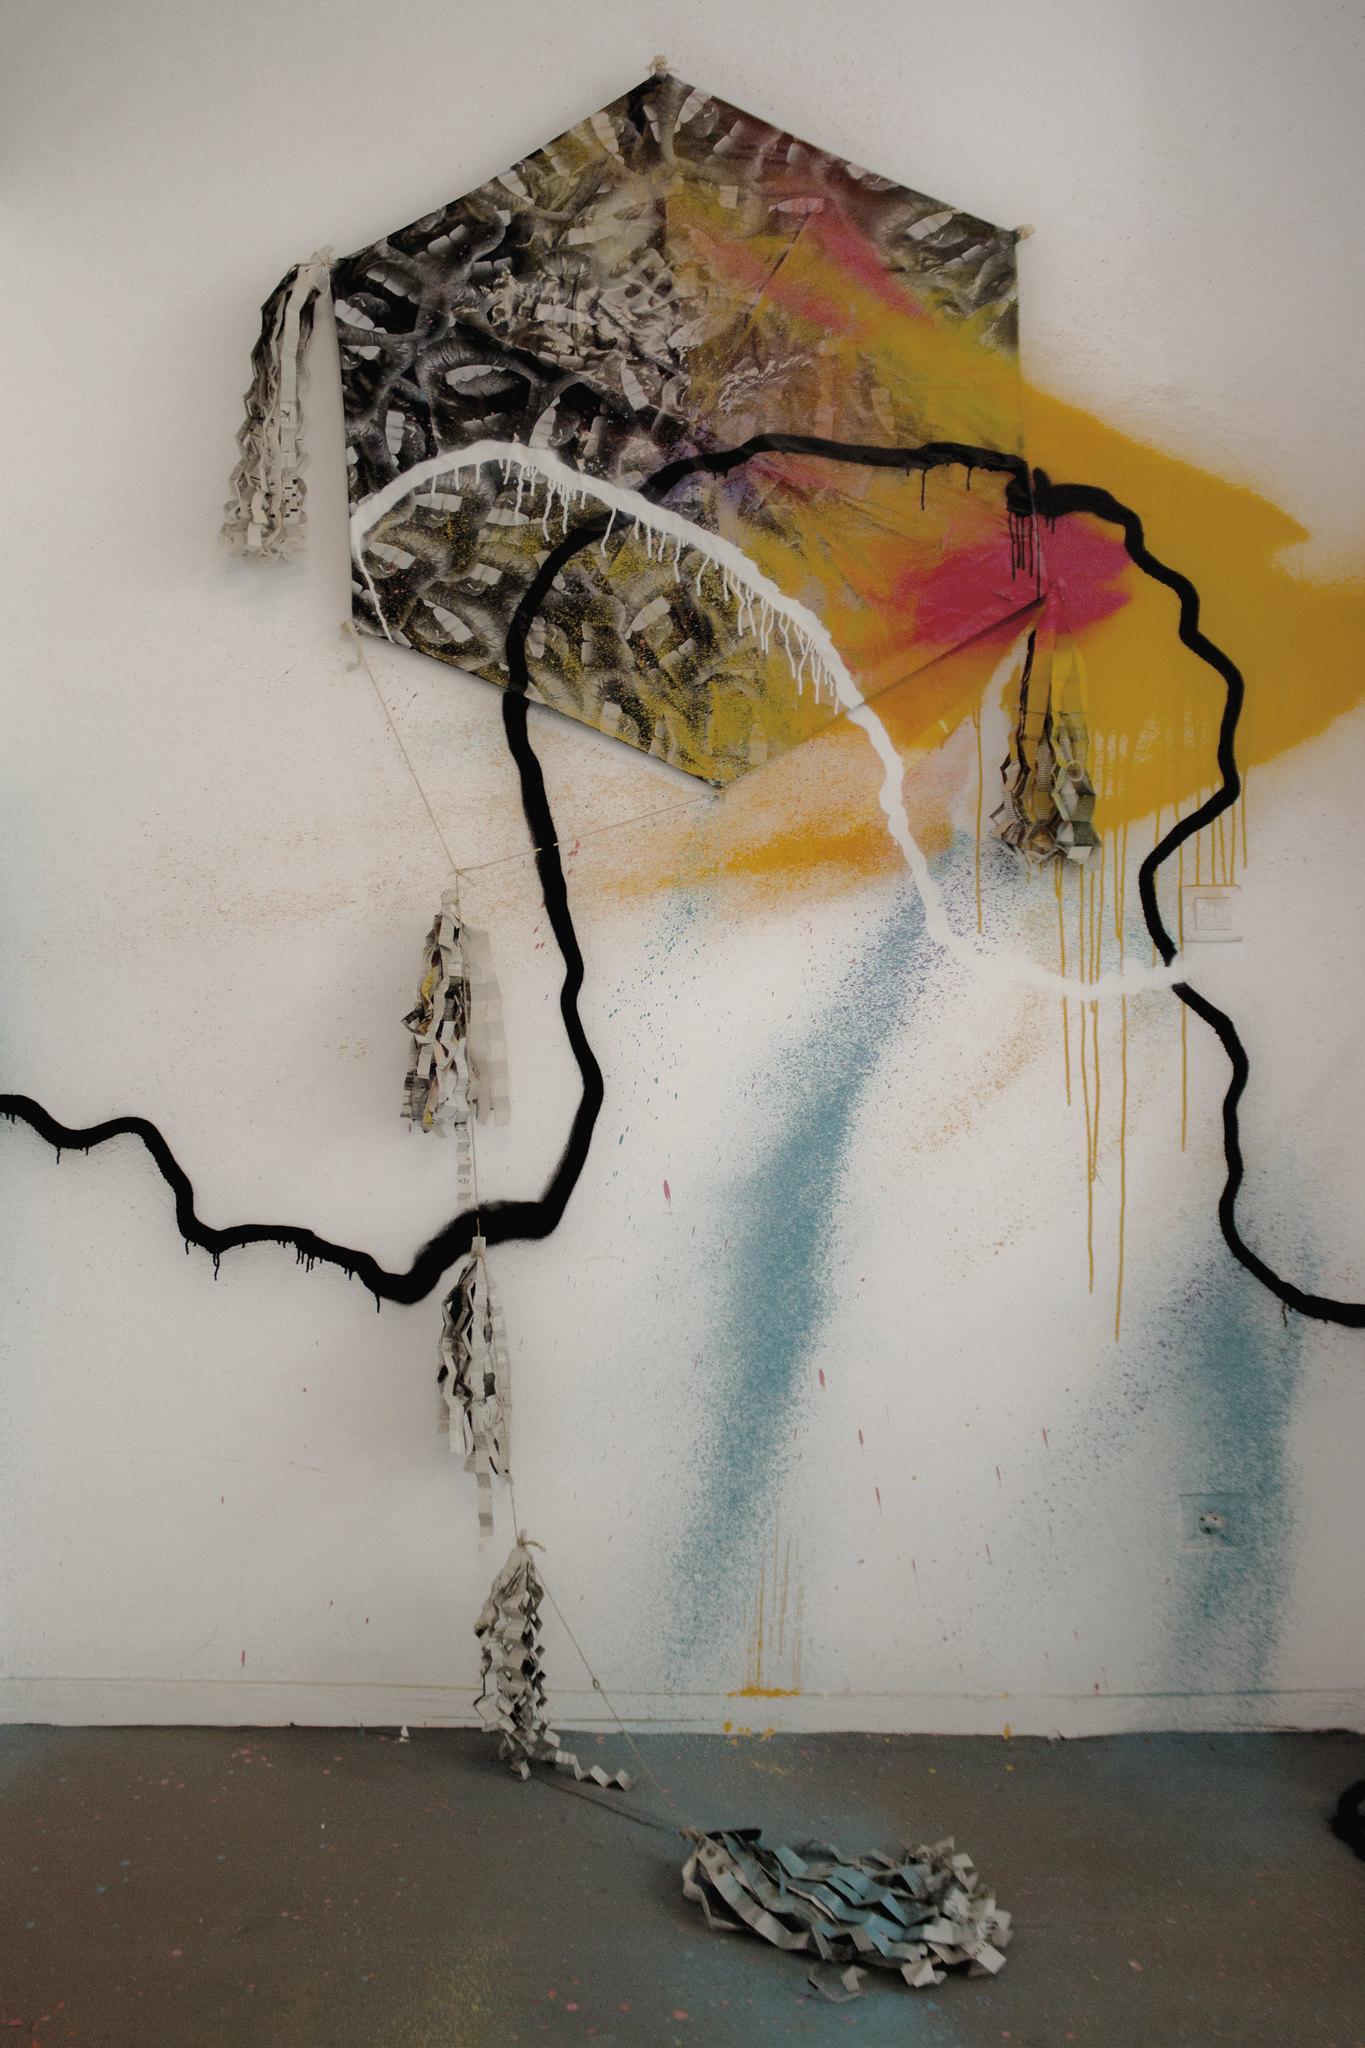 Amola Kalouba - Image 14